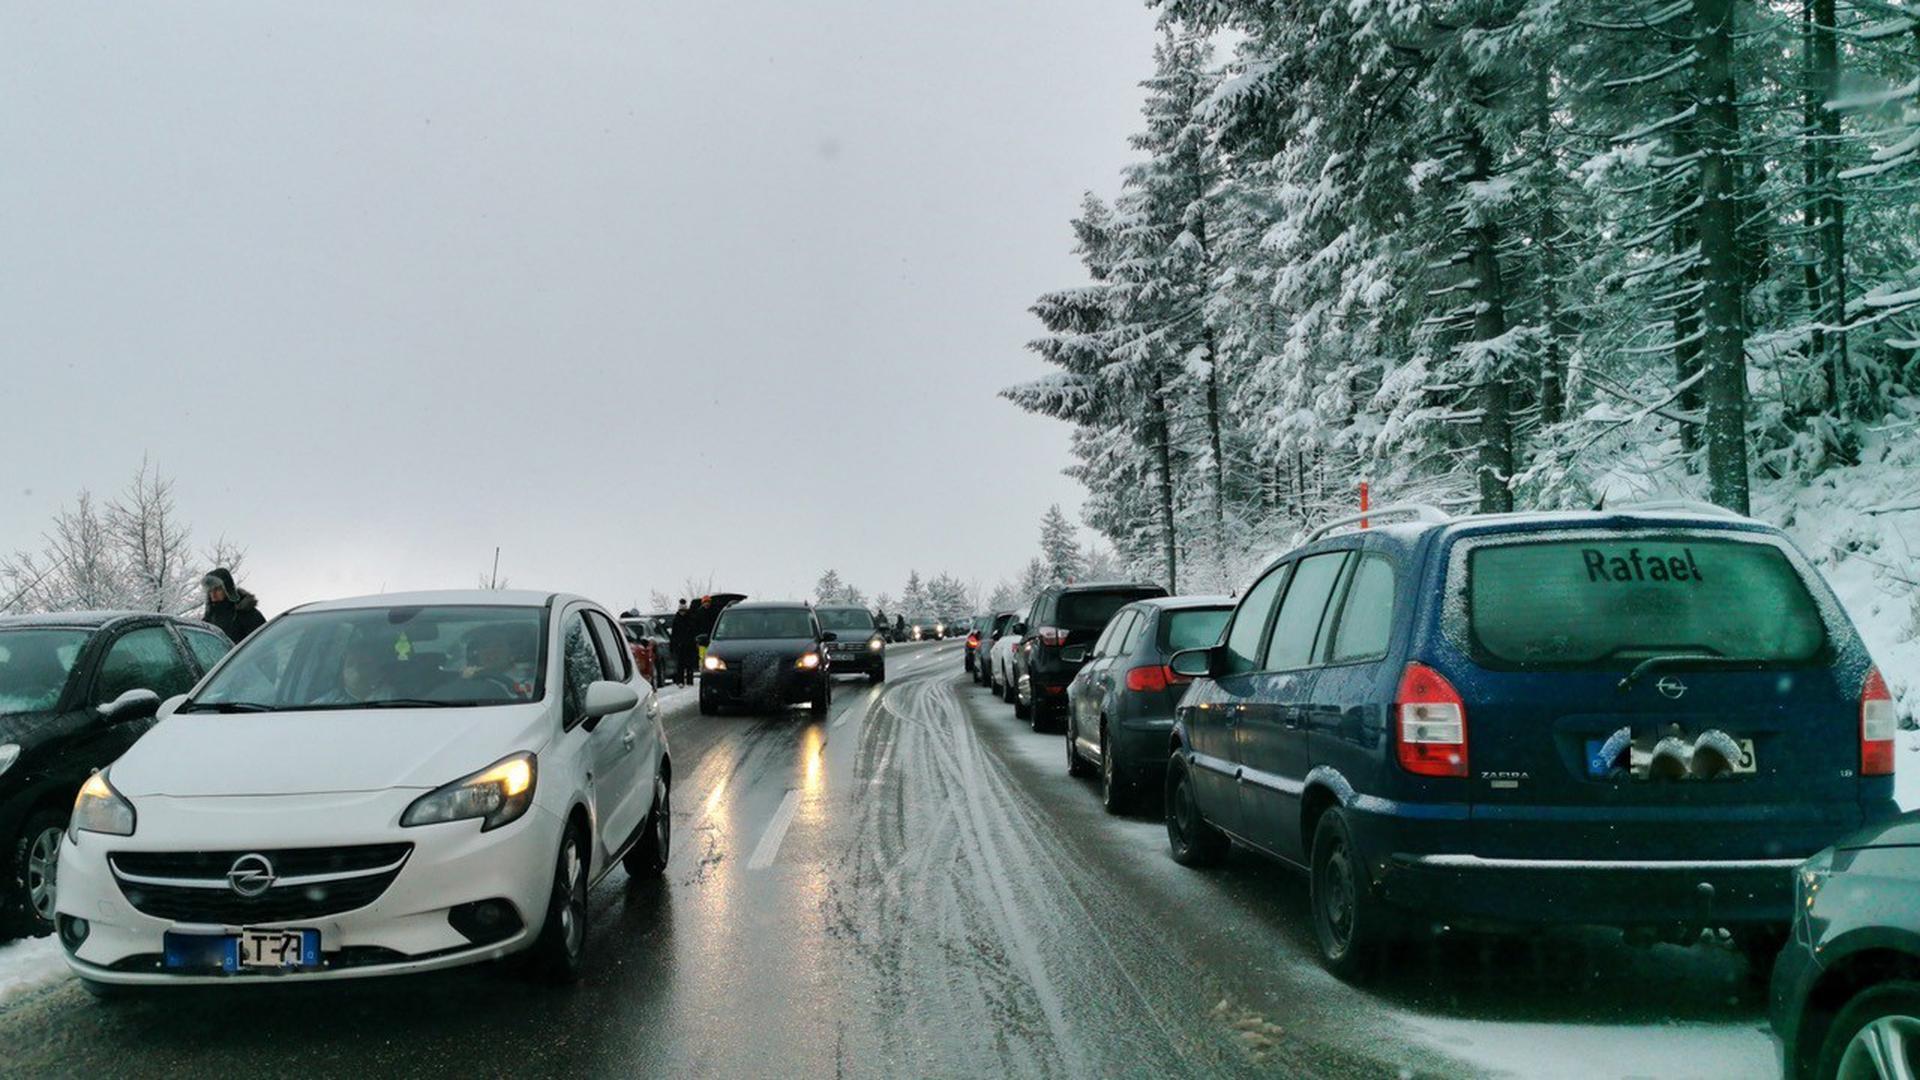 Auf der Schwarzwaldhochstraße parken bei schönem Winterwetter die Fahrzeuge am Fahrbahnrand.